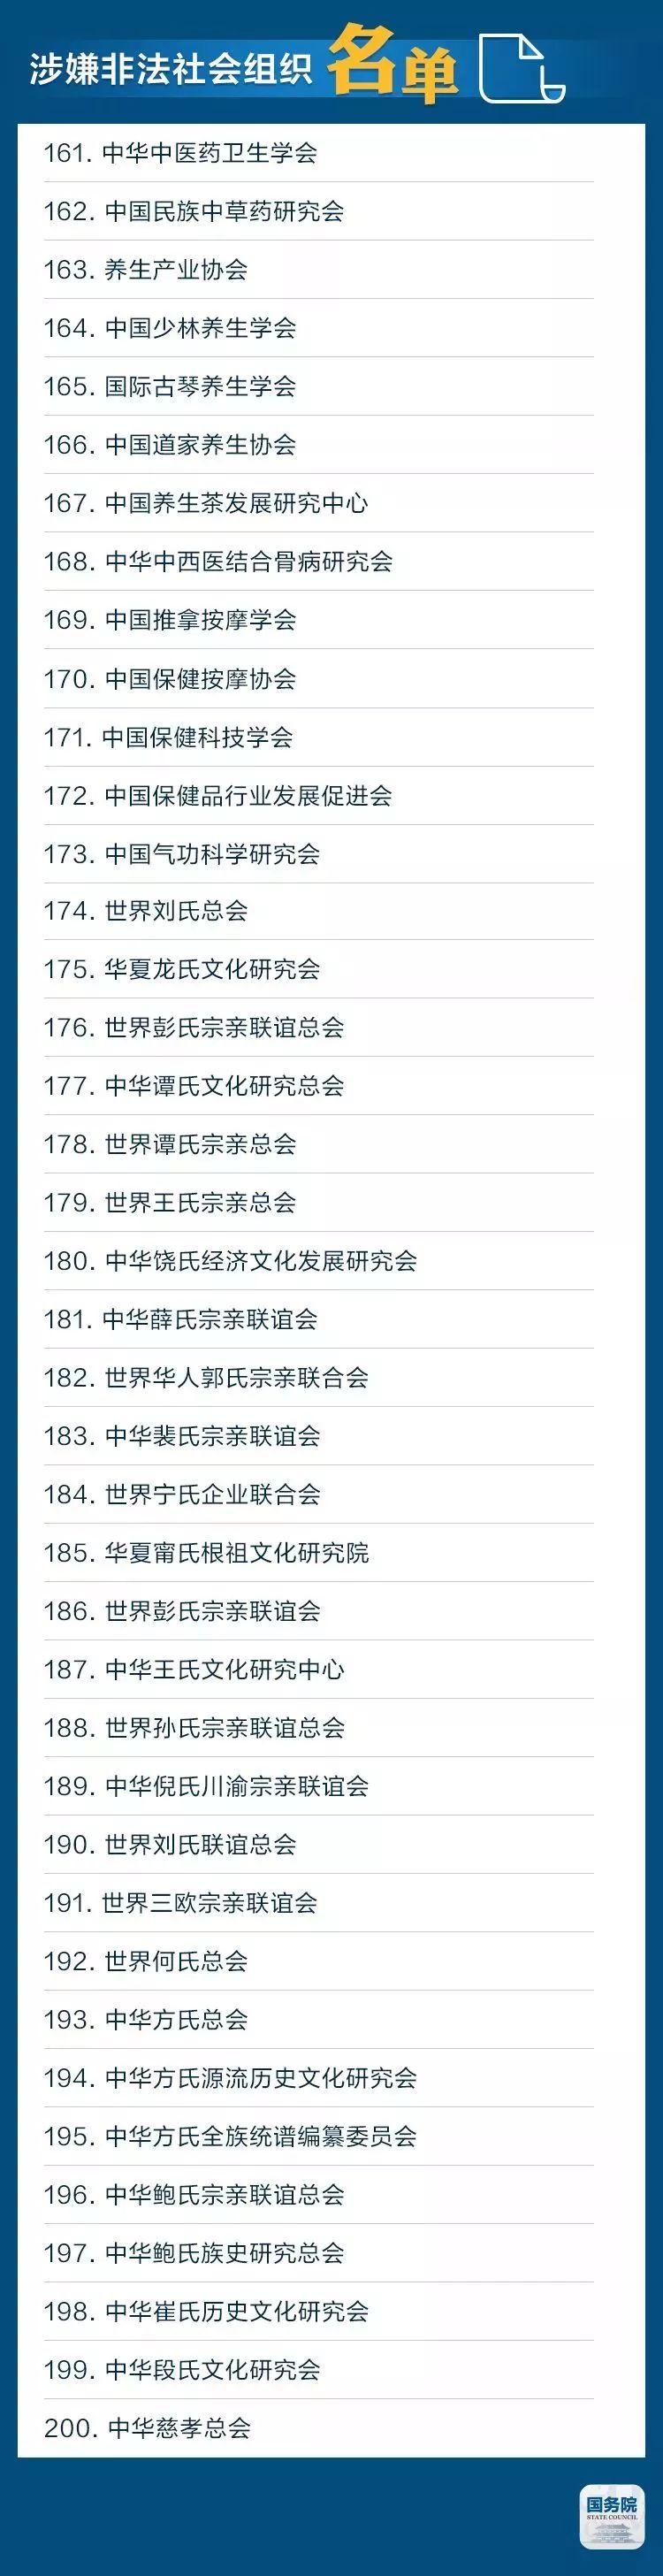 中国建筑业联合会等被认定为涉嫌非法组织,别上当!_8